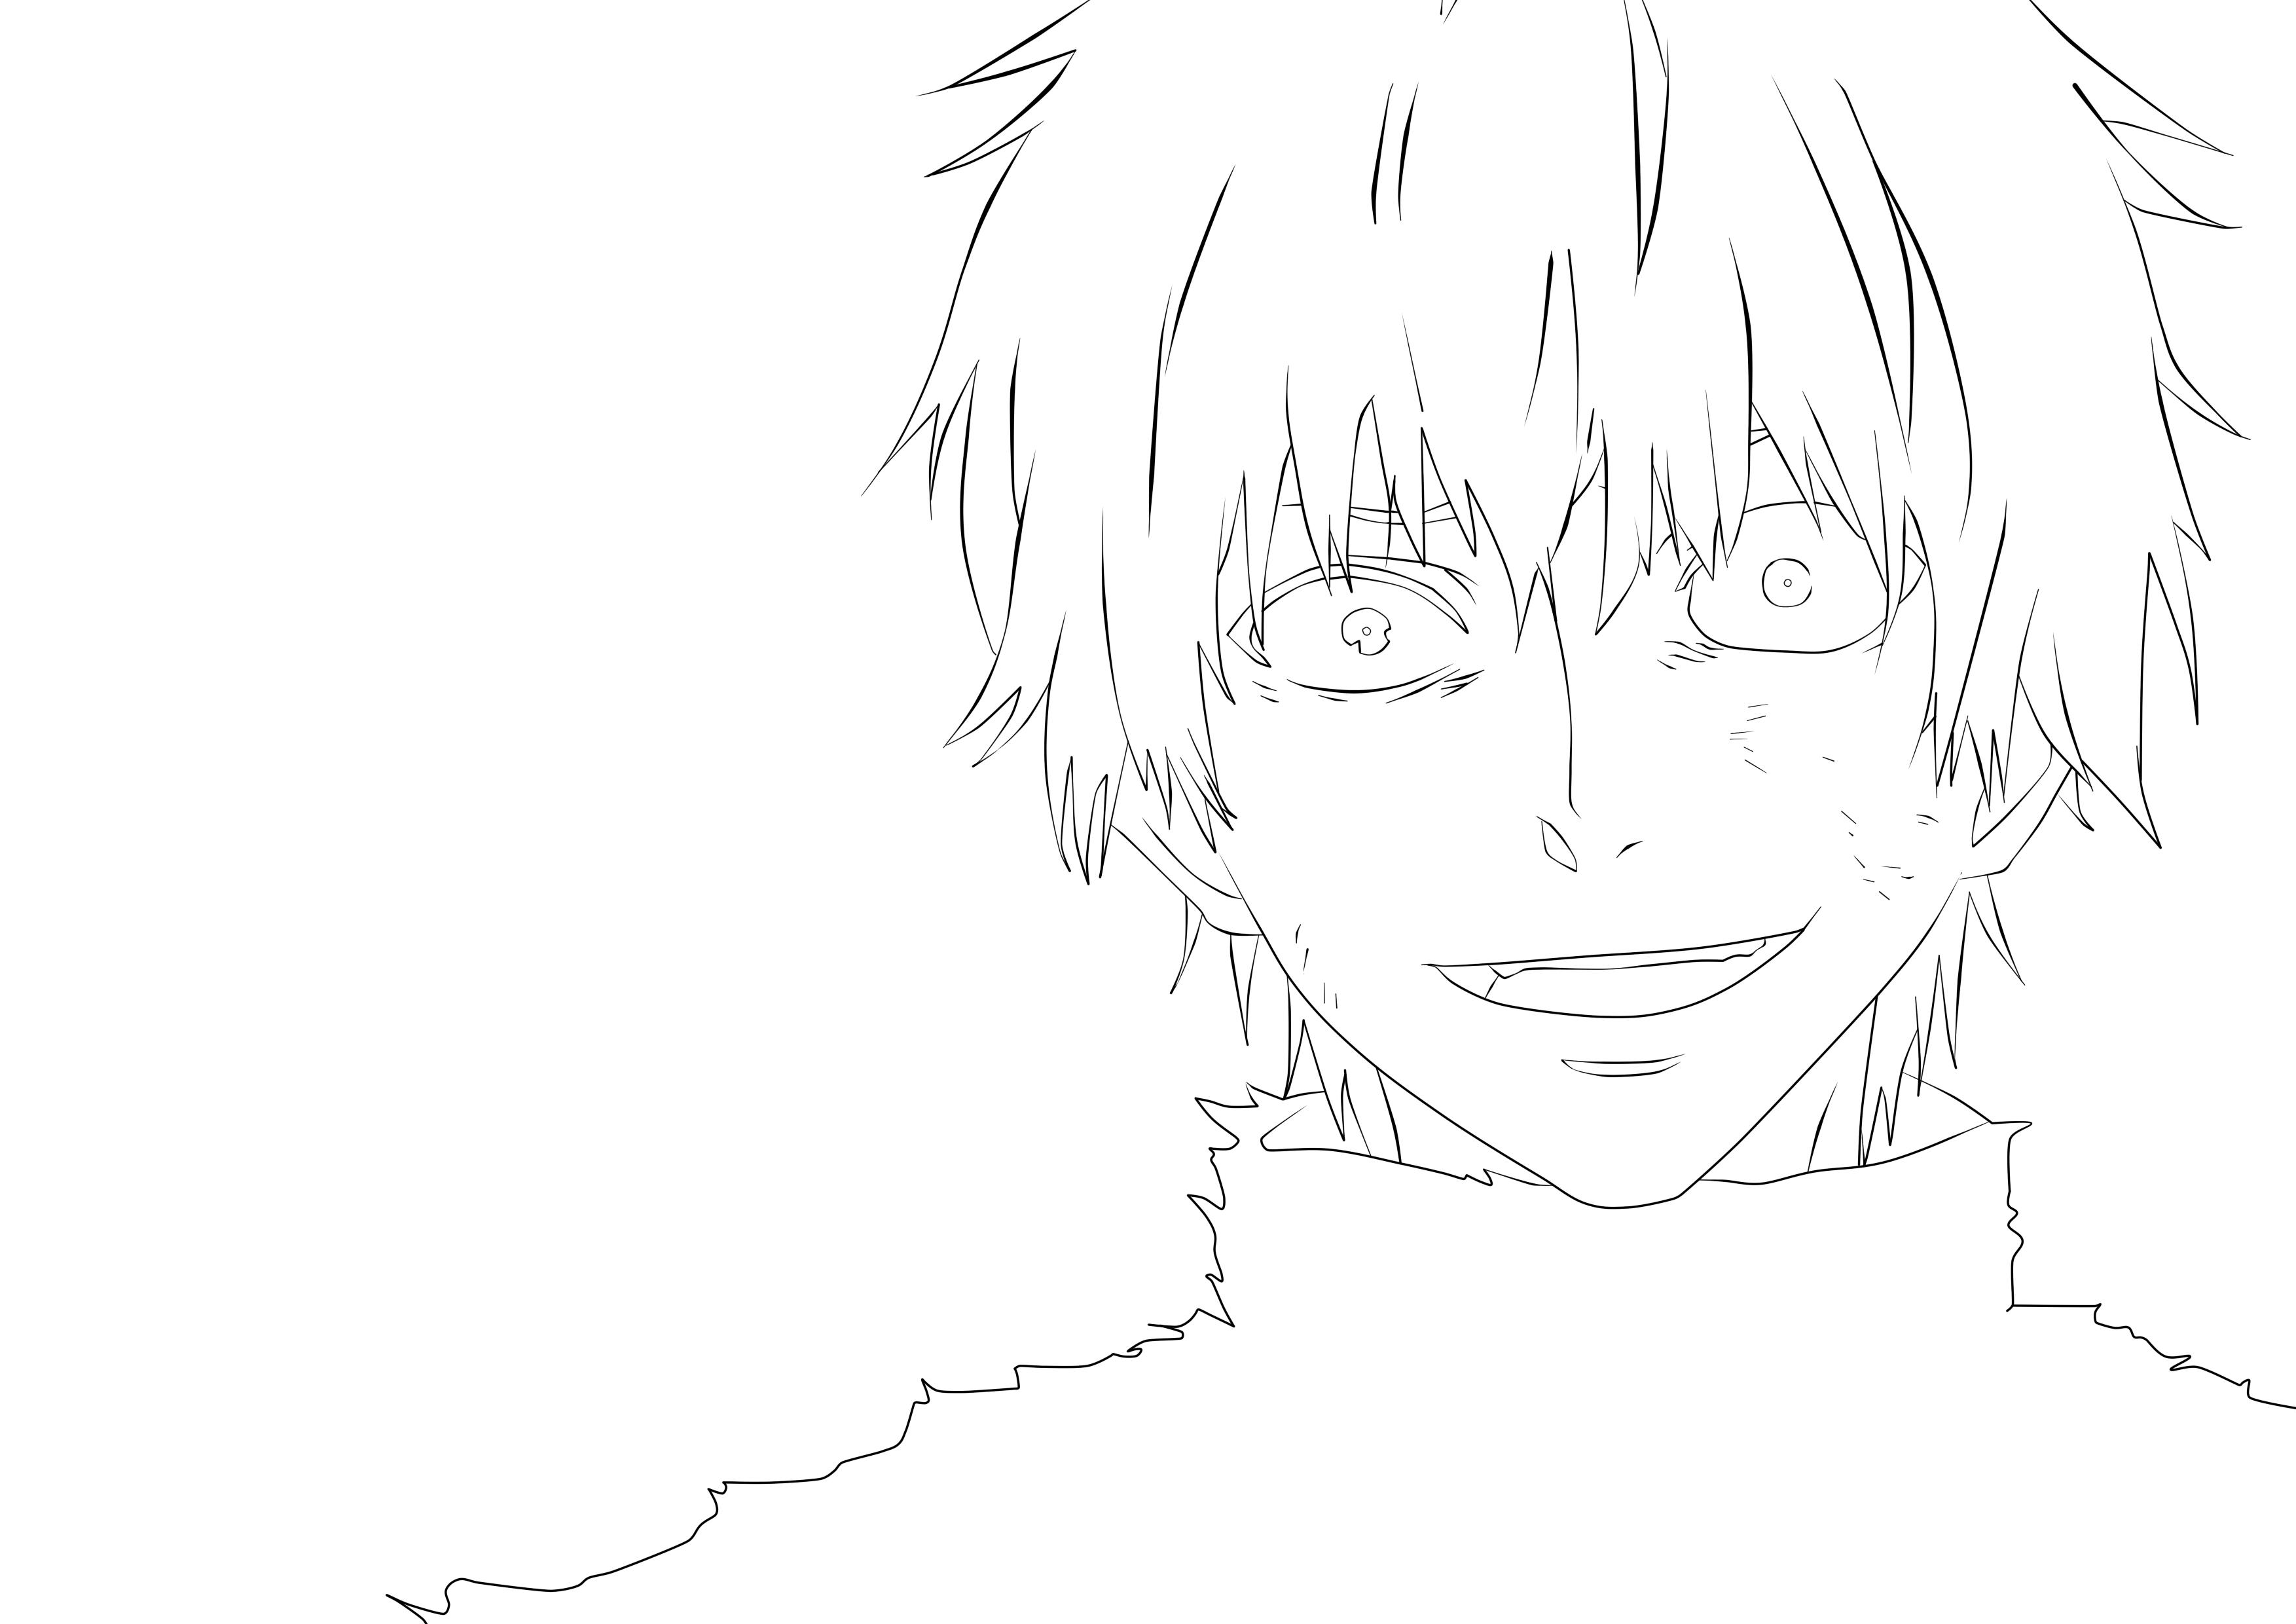 kaneki coloring pages | Easy Drawing Tokyo Ghoul Kaneki Ken Sketch Coloring Page